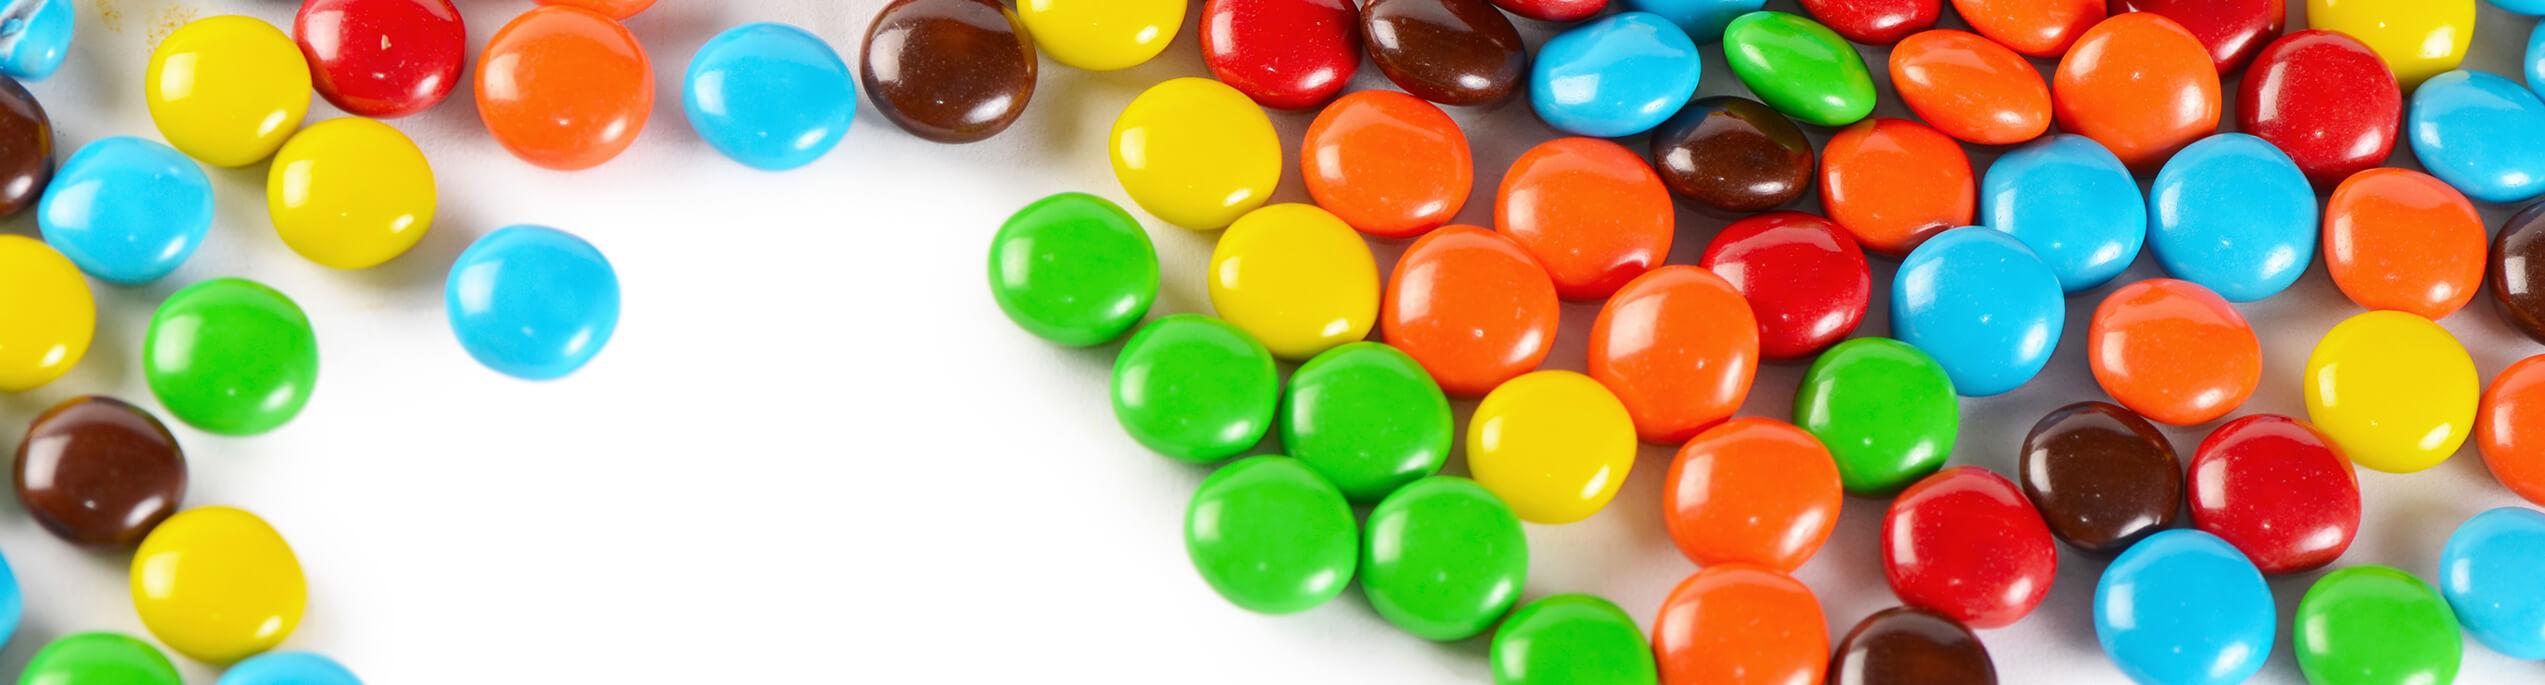 Sternchemie – MCT: Süßigkeiten mit einem glanzvollen Auftritt